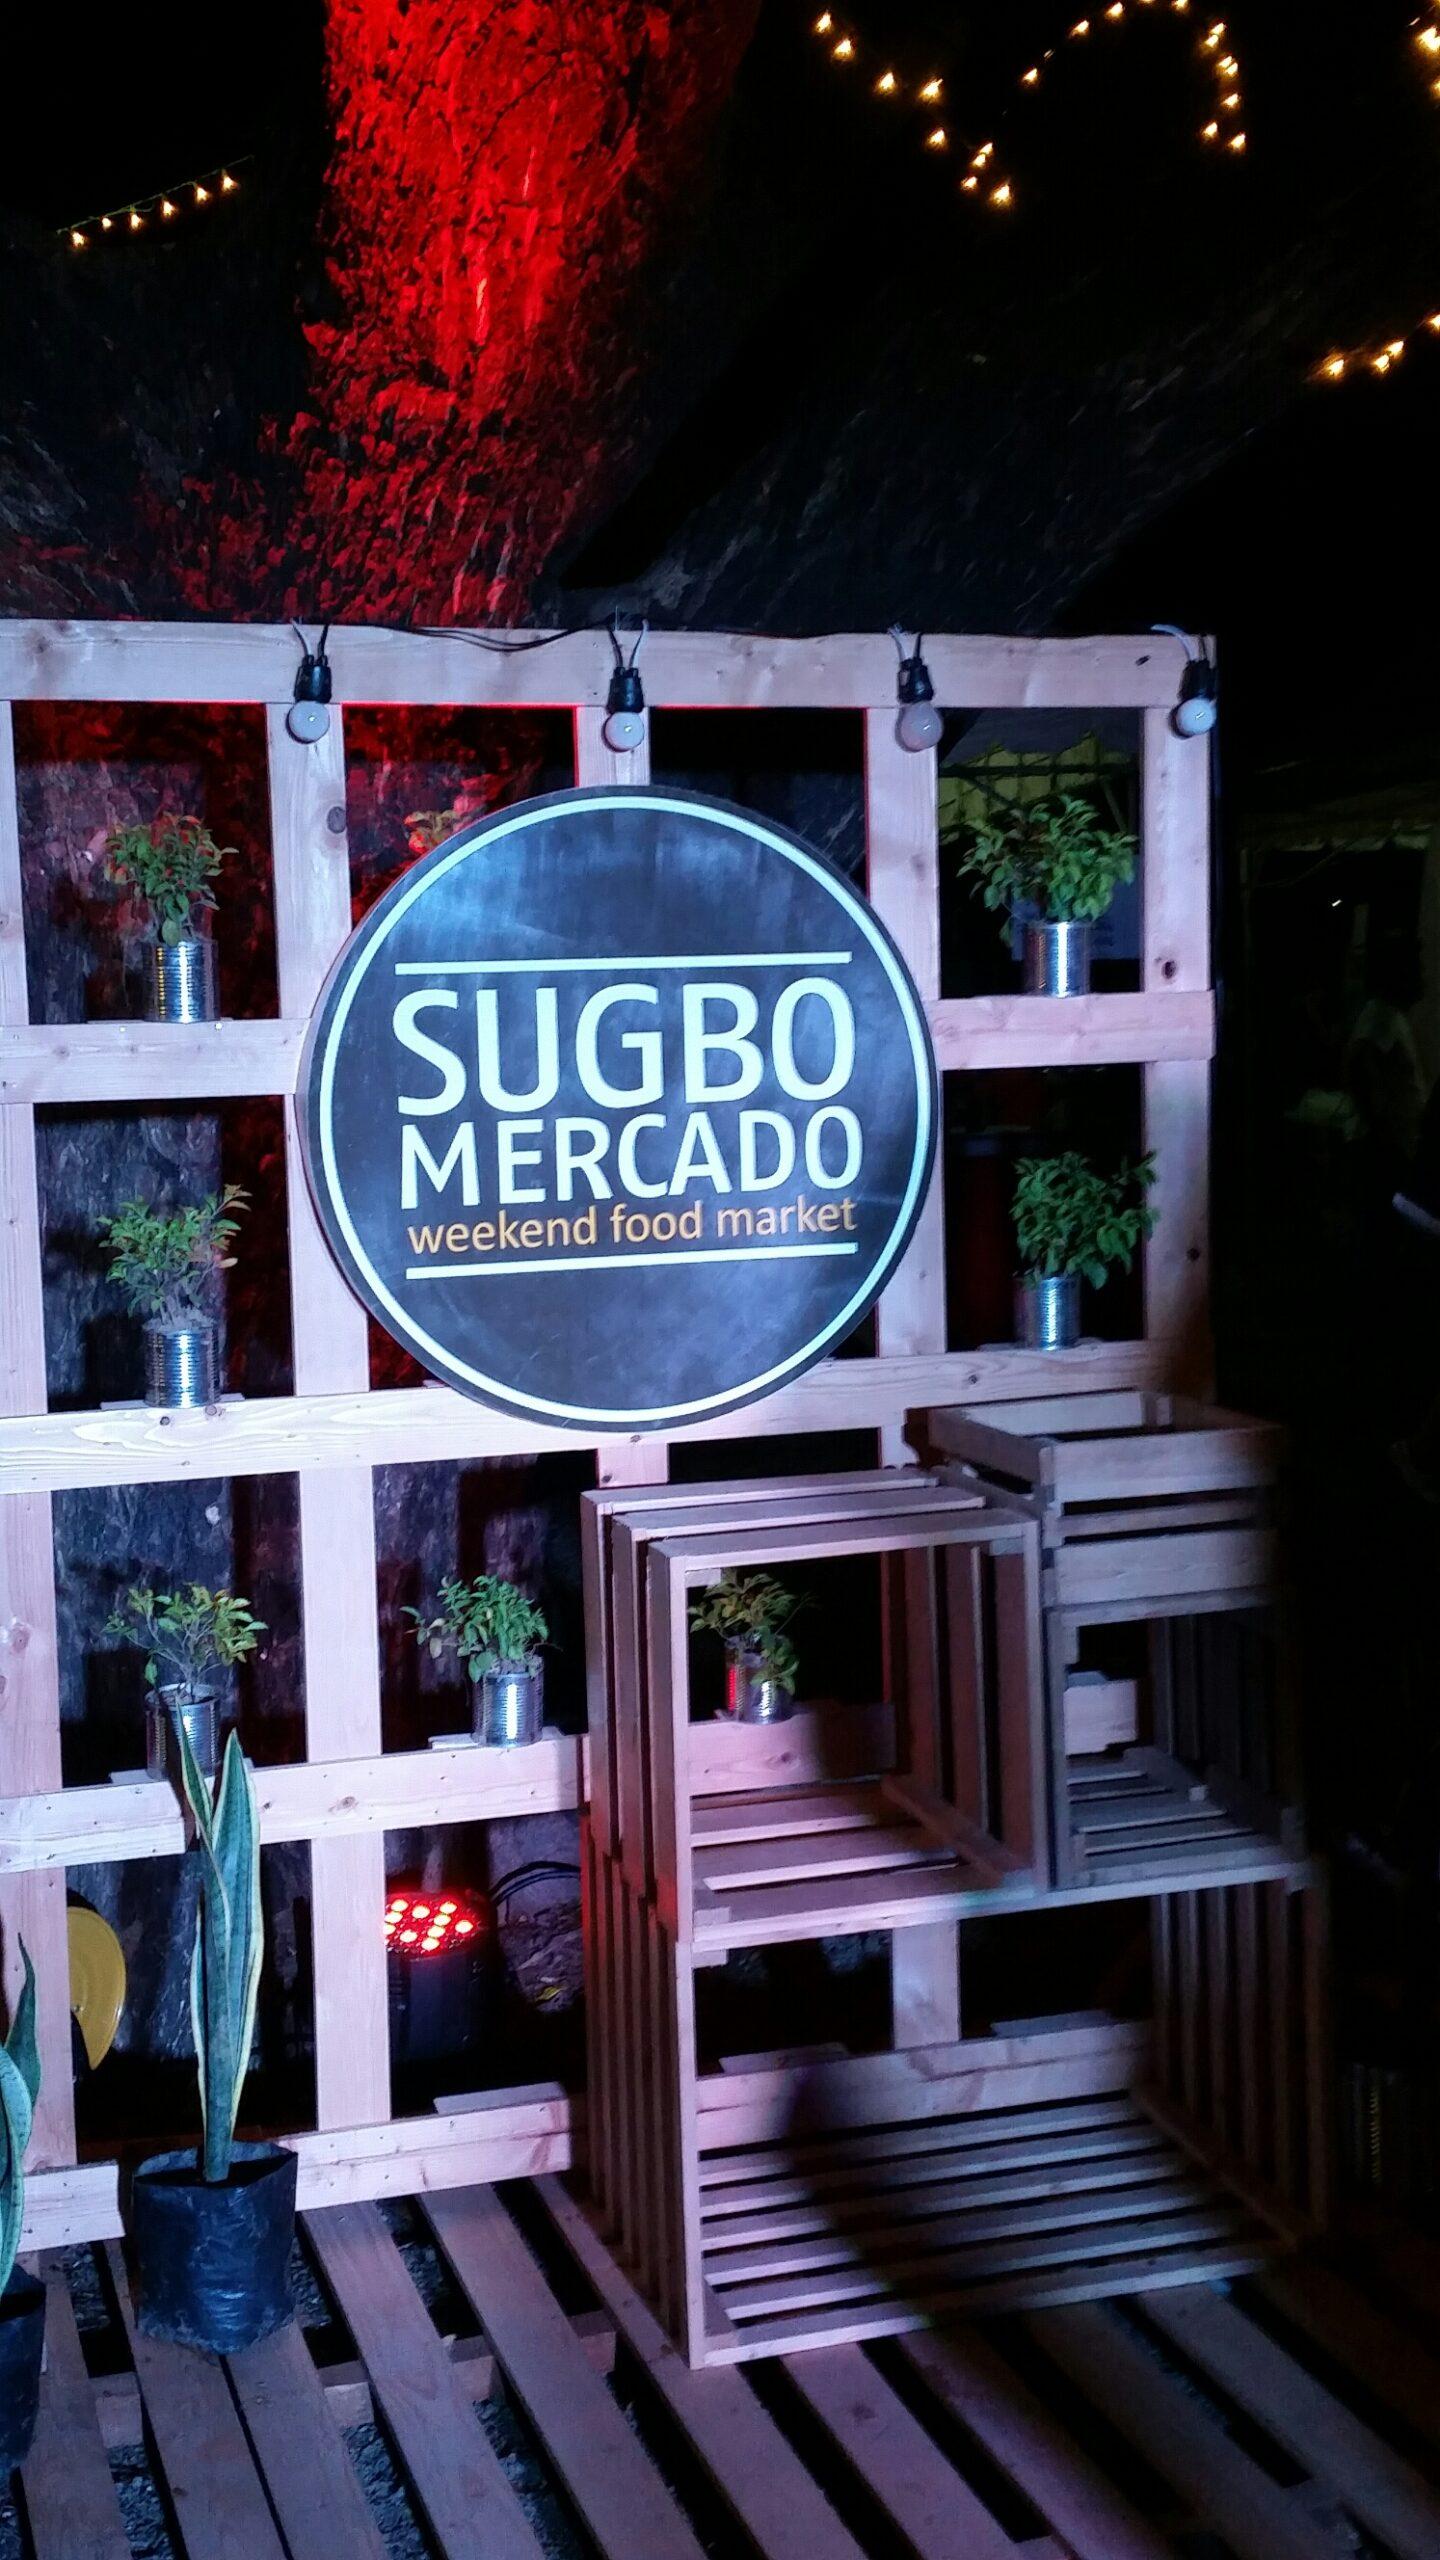 Enjoy your weekend in Sugbo Mercado the weekend market in Cebu